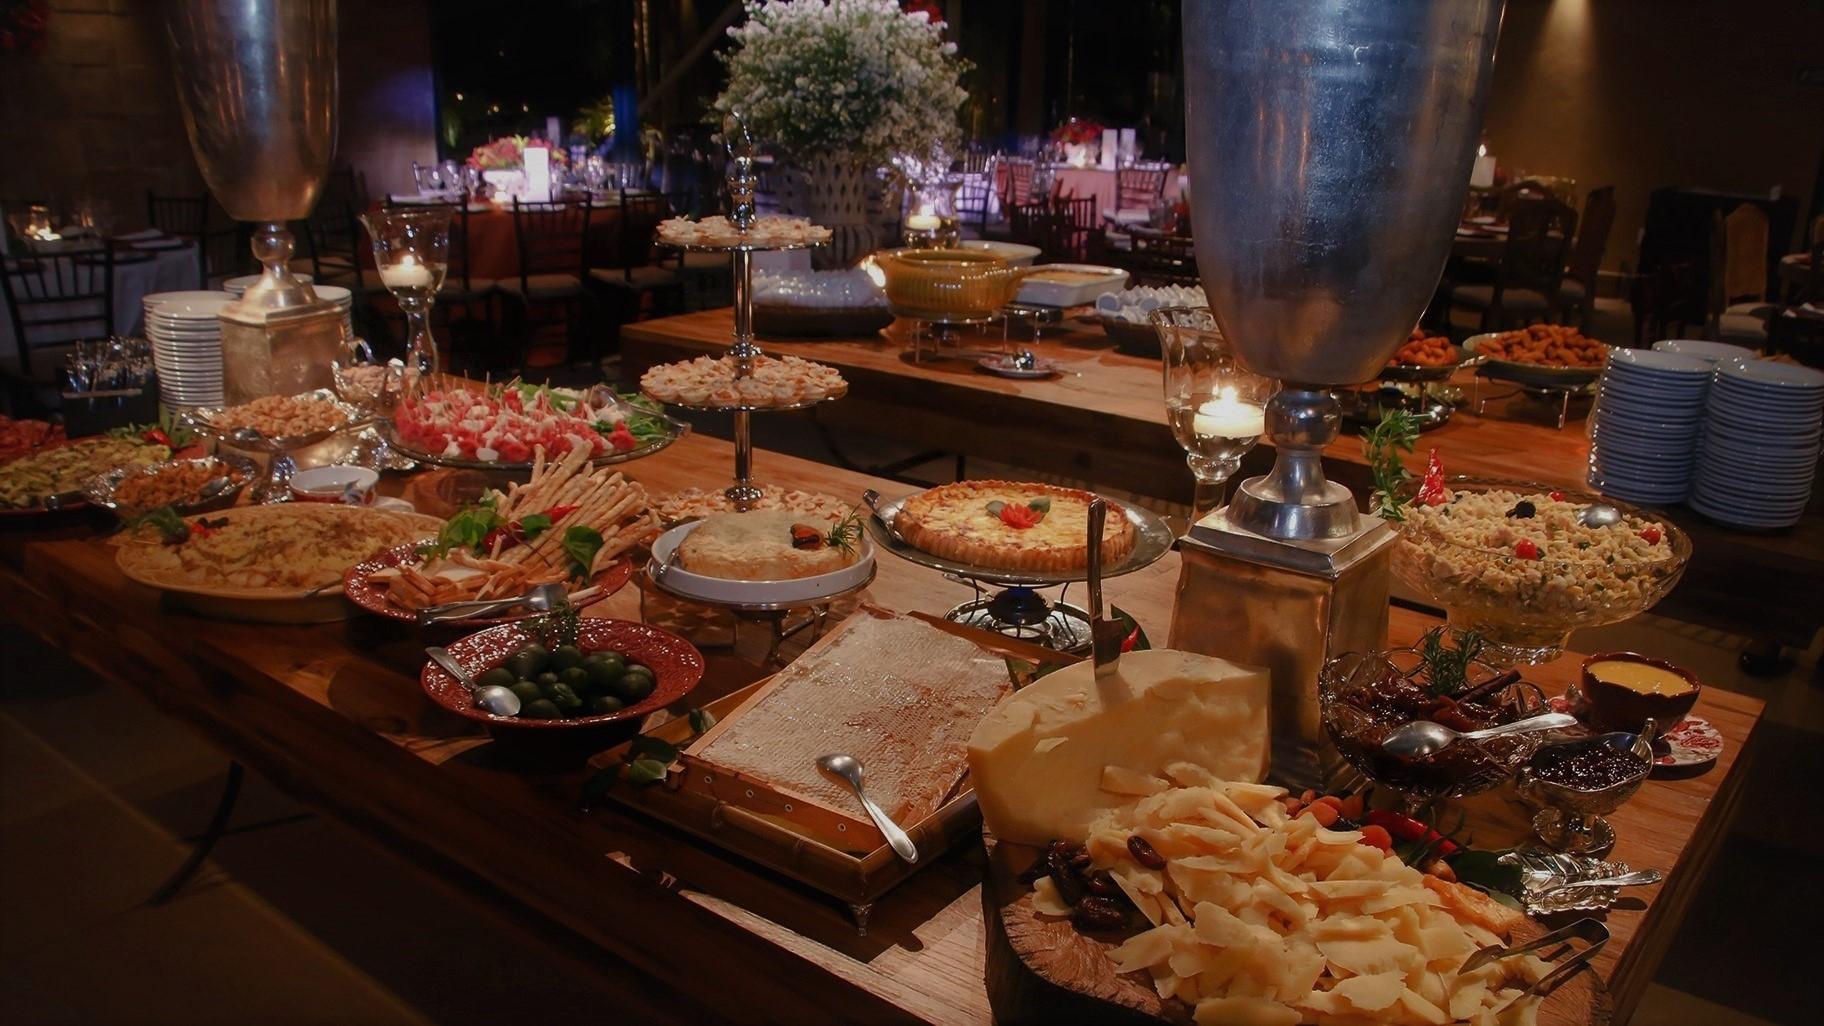 buffet-de-aniversario-buffetciadossabores- banner1